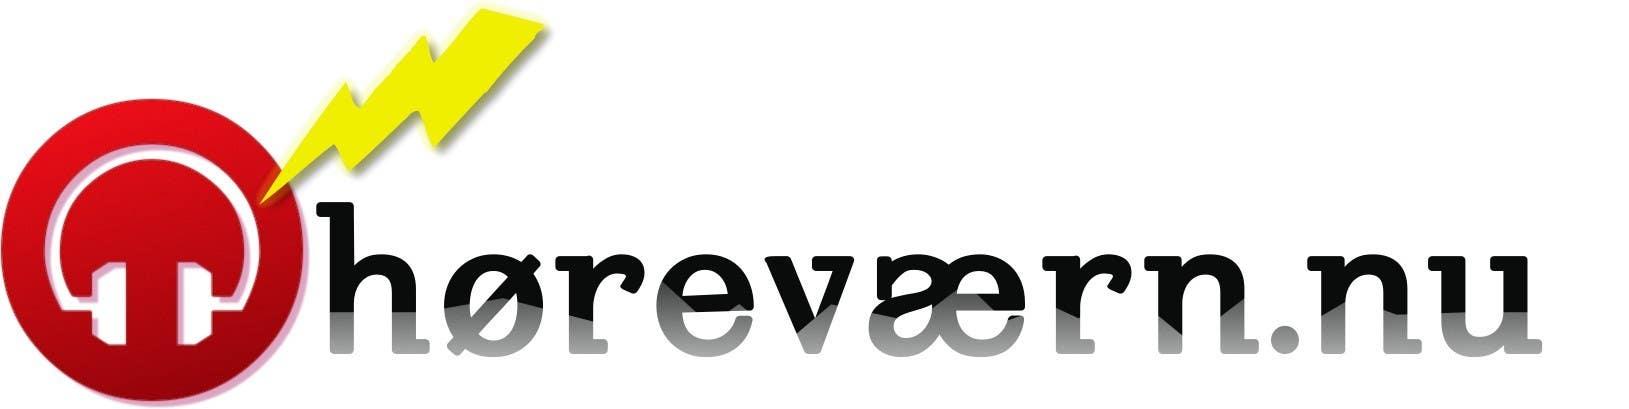 Inscrição nº 7 do Concurso para Design a Logo for website